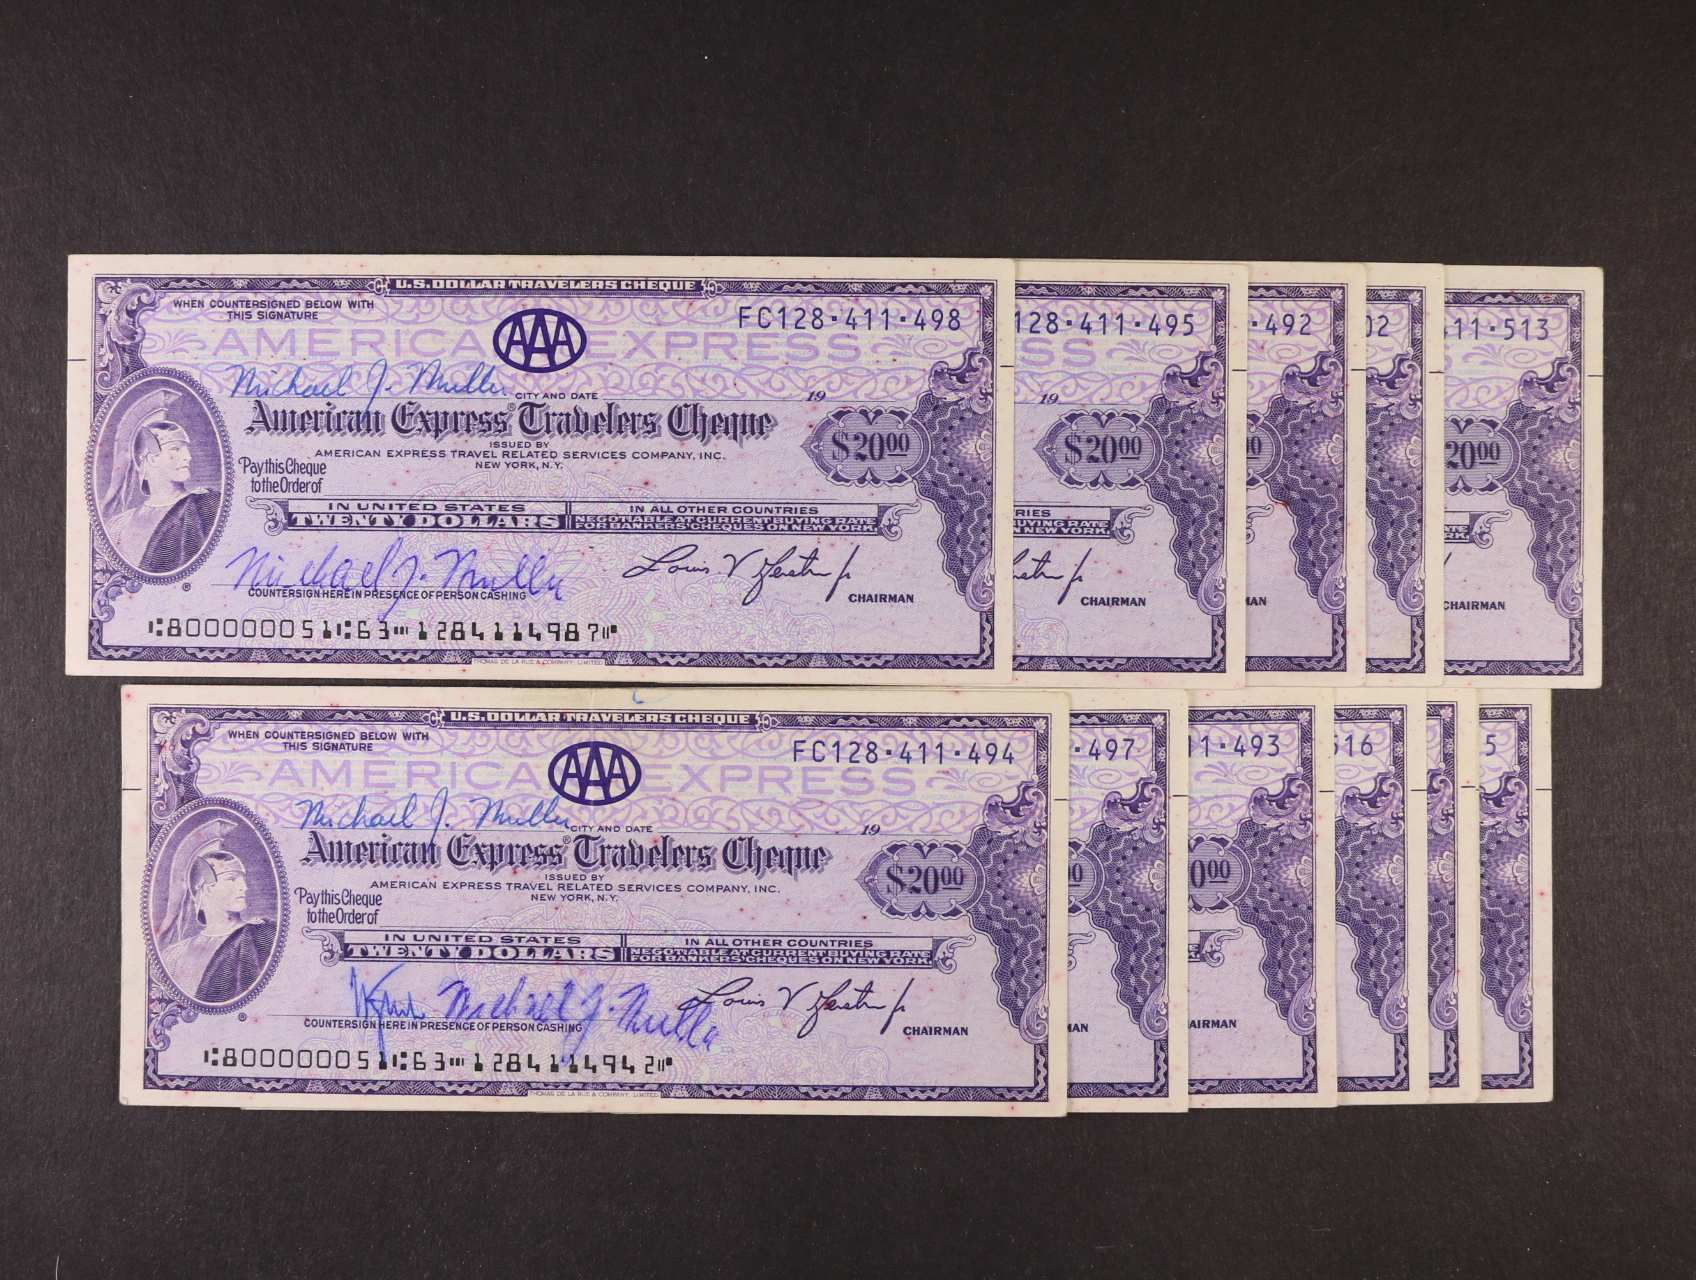 14 ks cestovních šeků 20 USD American Express, všechny vypsané